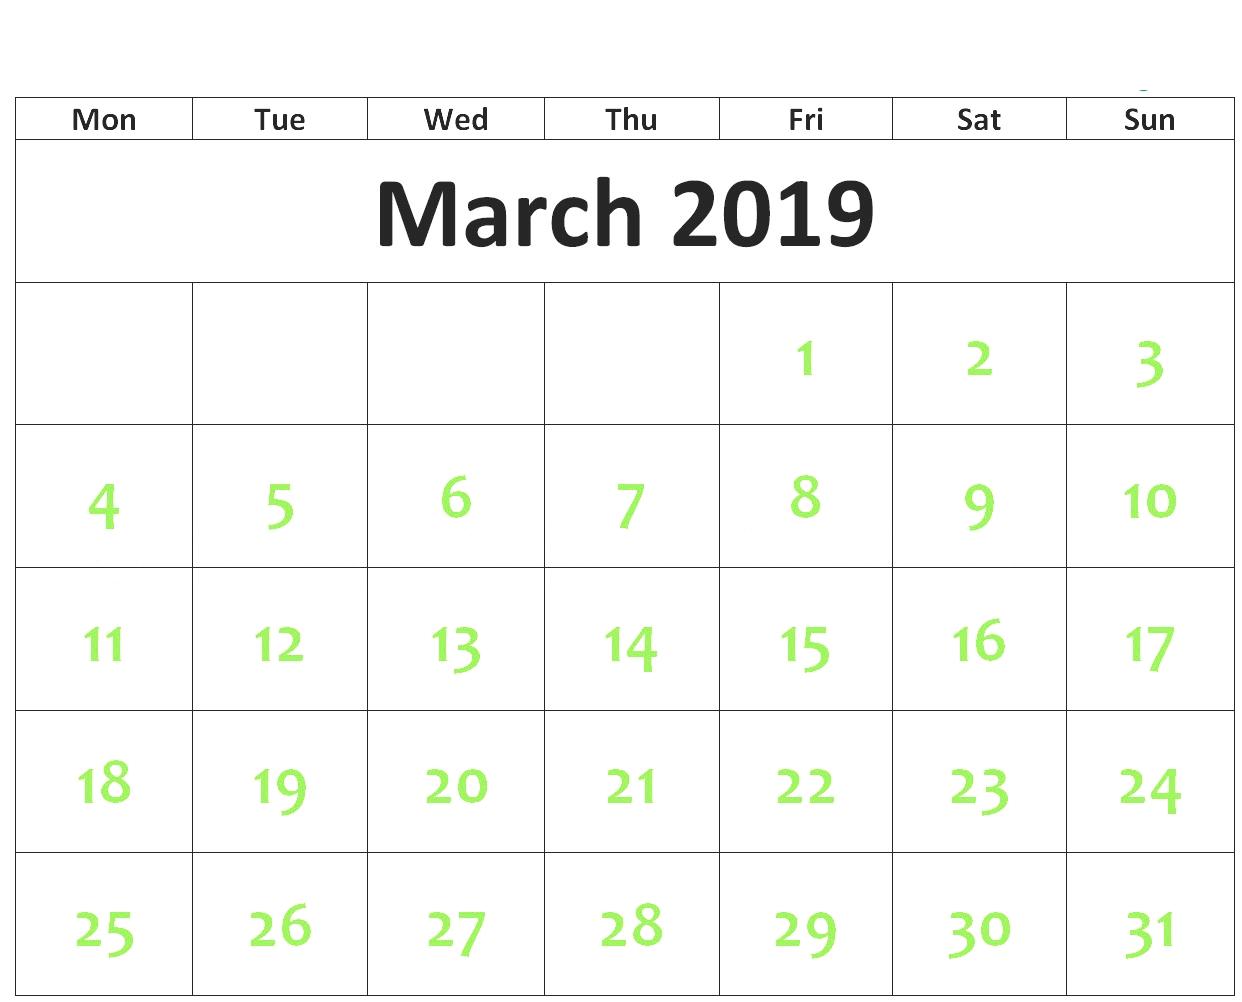 March Calendar For 2019 - 2018 Printable Calendar Store March 4 2019 Calendar